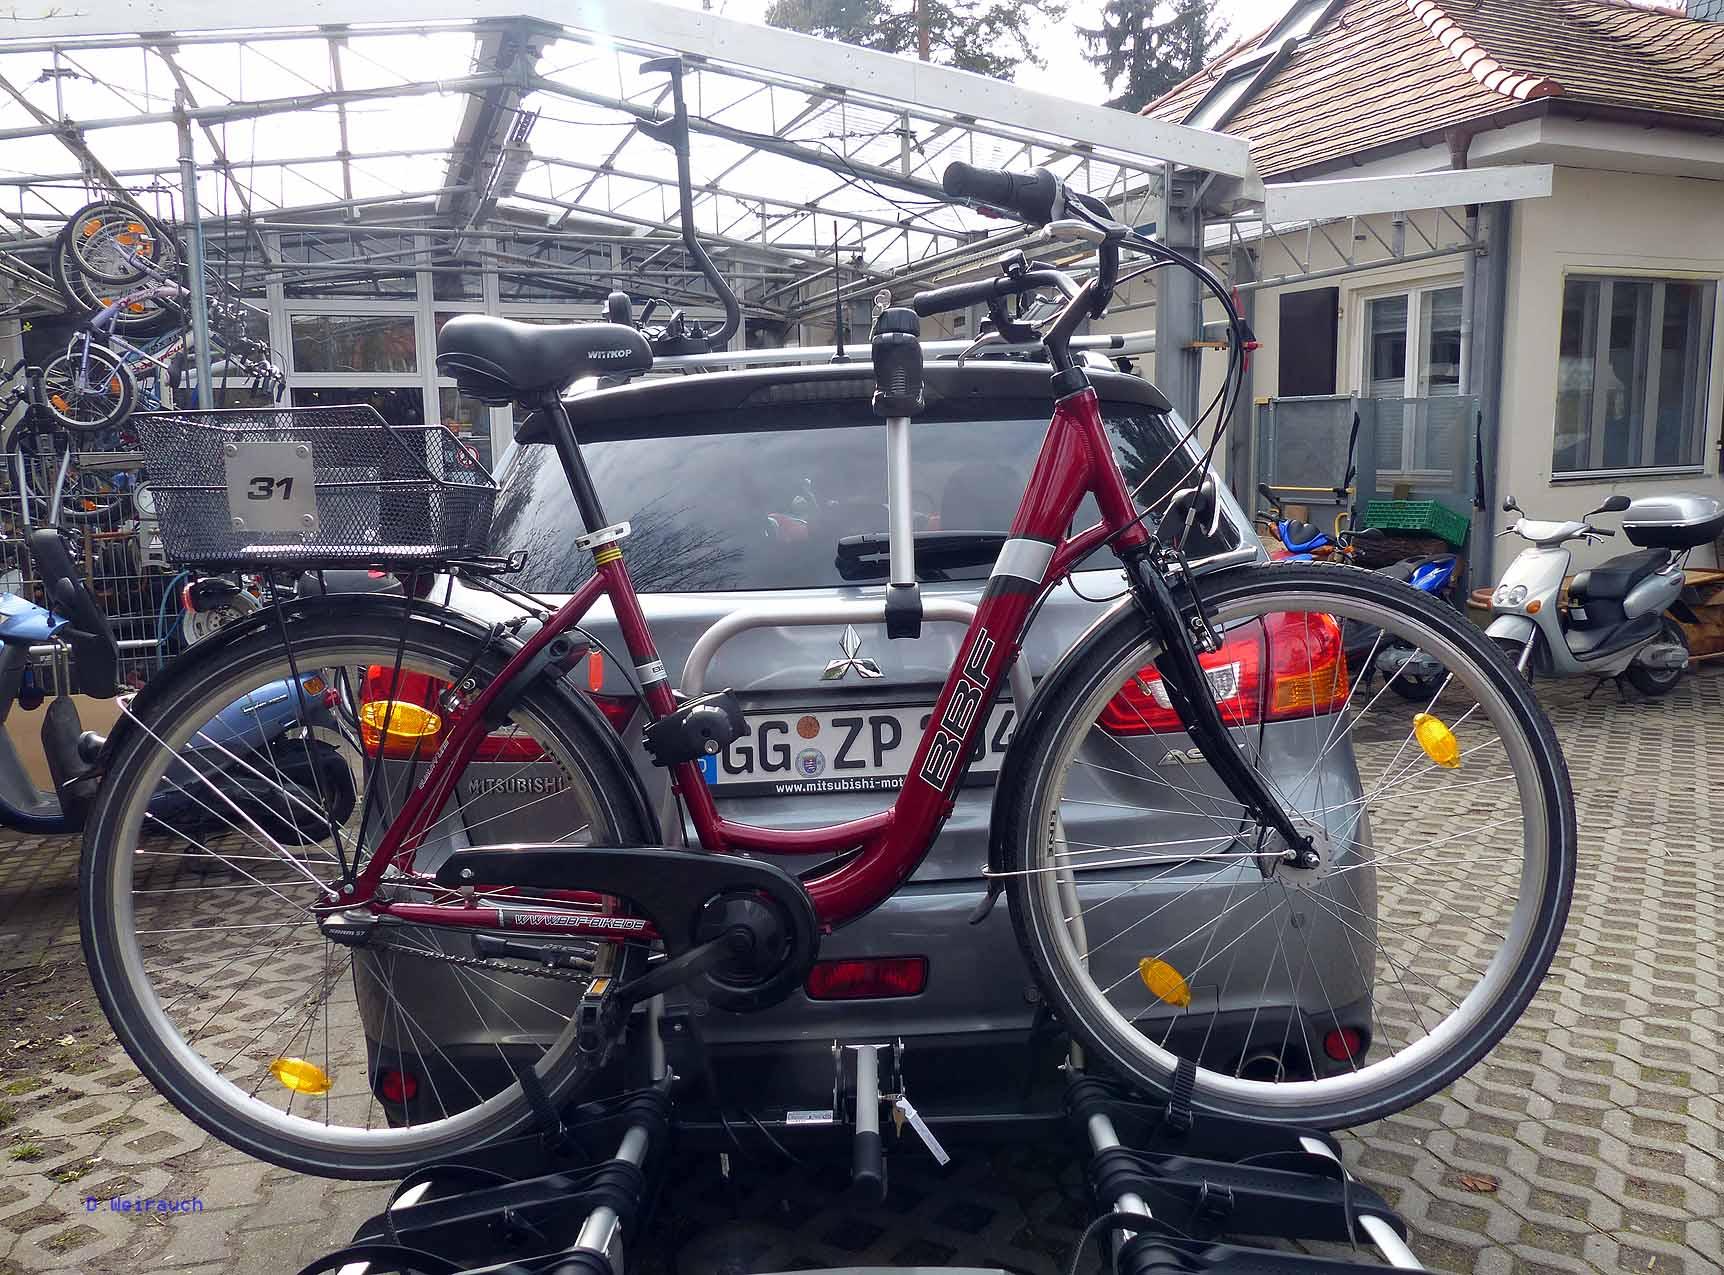 Anhängevorrichtung von Uebler am Mitsubishi ASX Fahrrad